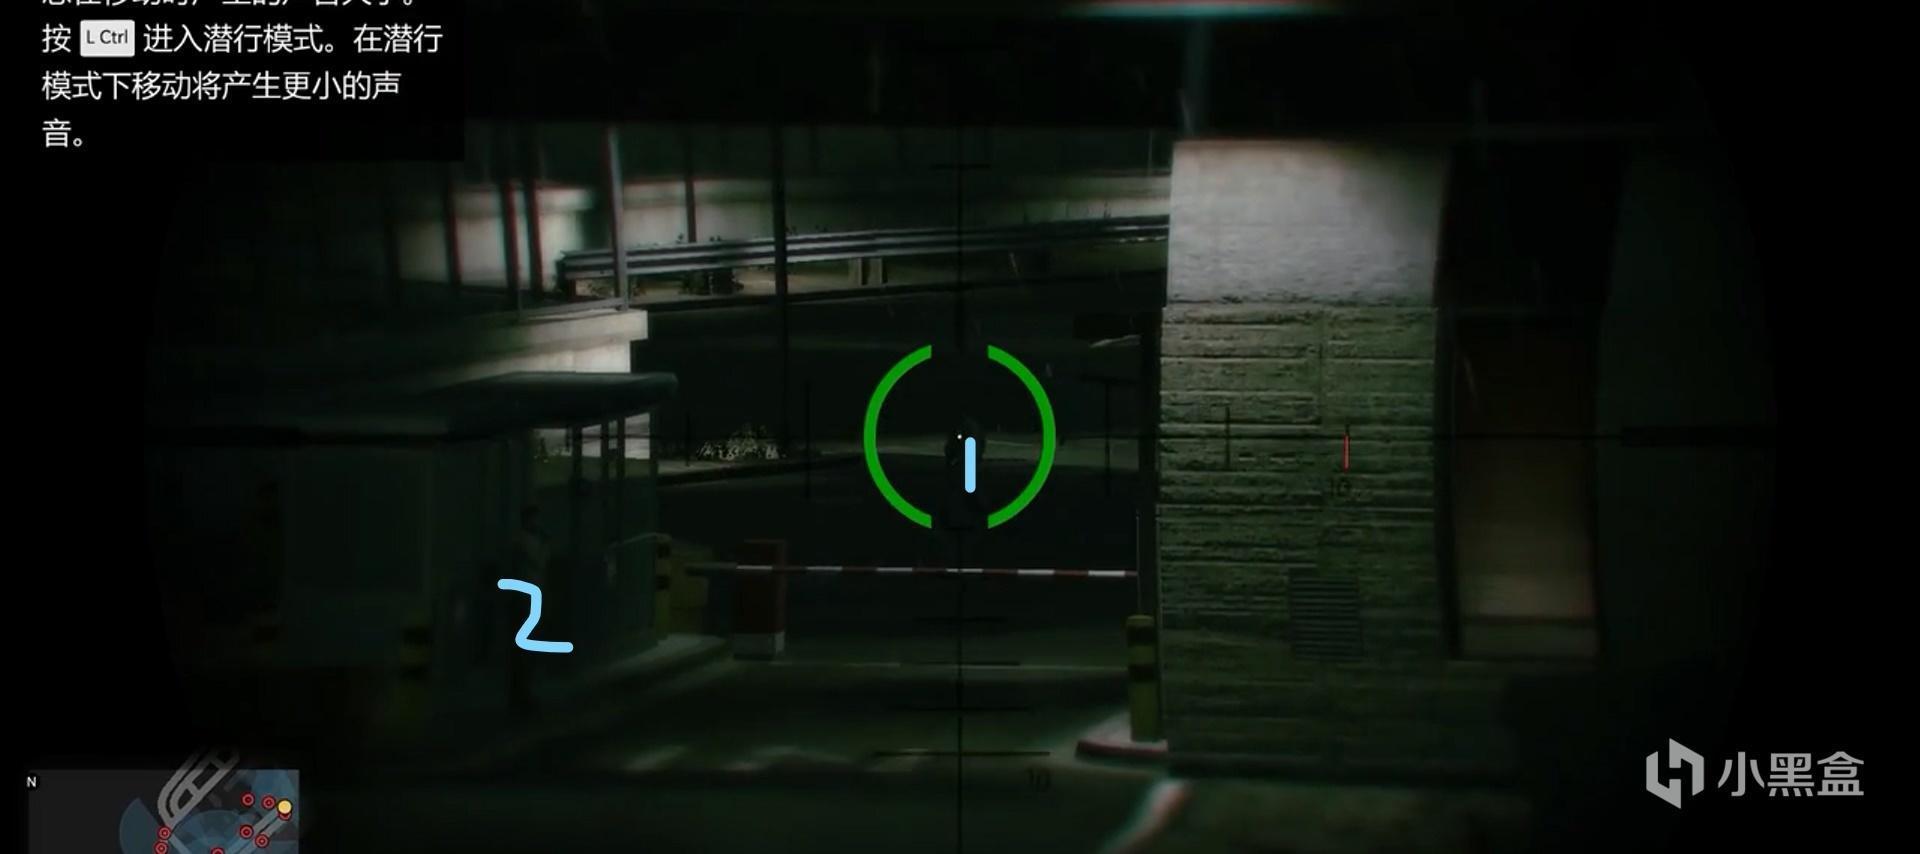 GTA5 突袭人道实验室教程插图27